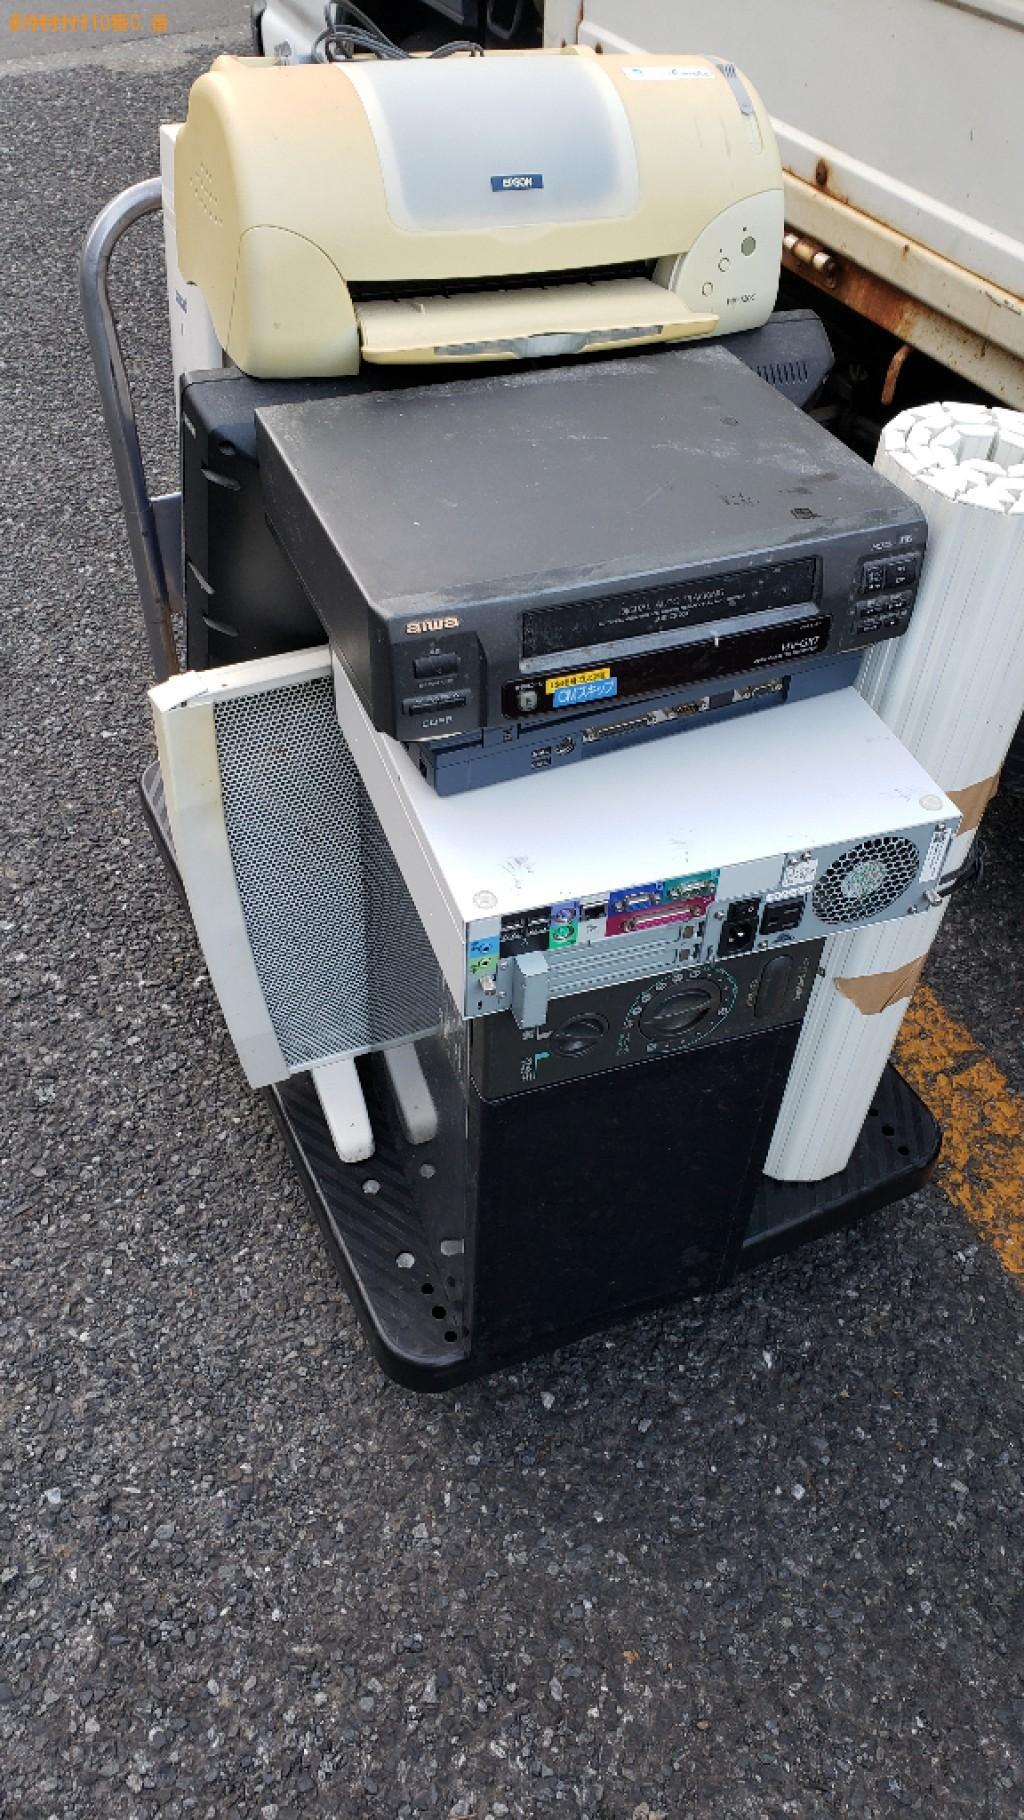 【豊島区】電化製品などの出張不用品回収・処分ご依頼 お客様の声